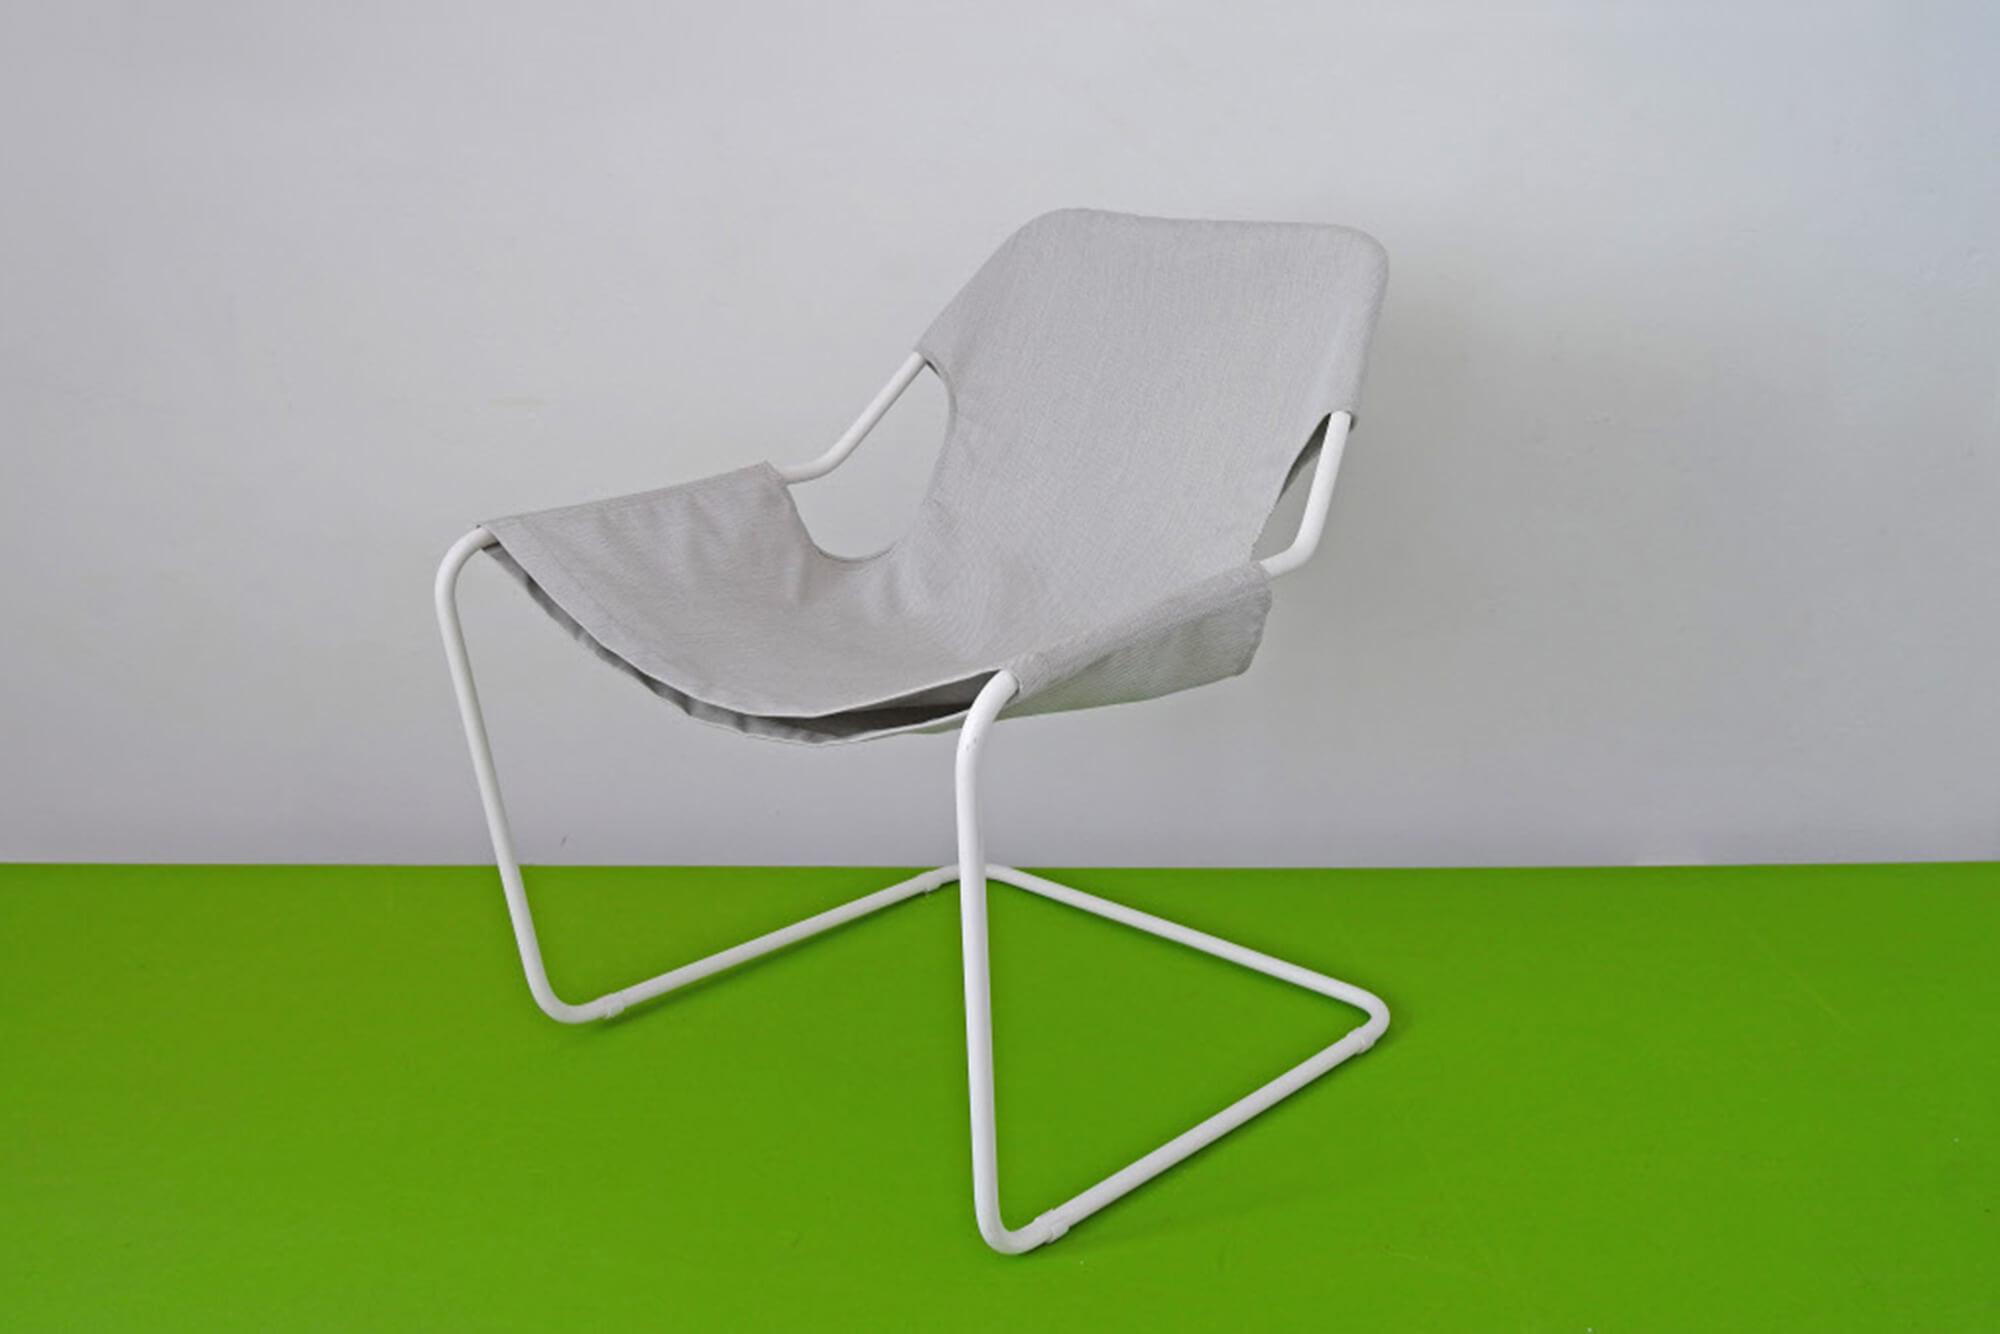 グレーのSunbrellaファブリックを使用した本体部分は白の金属の椅子